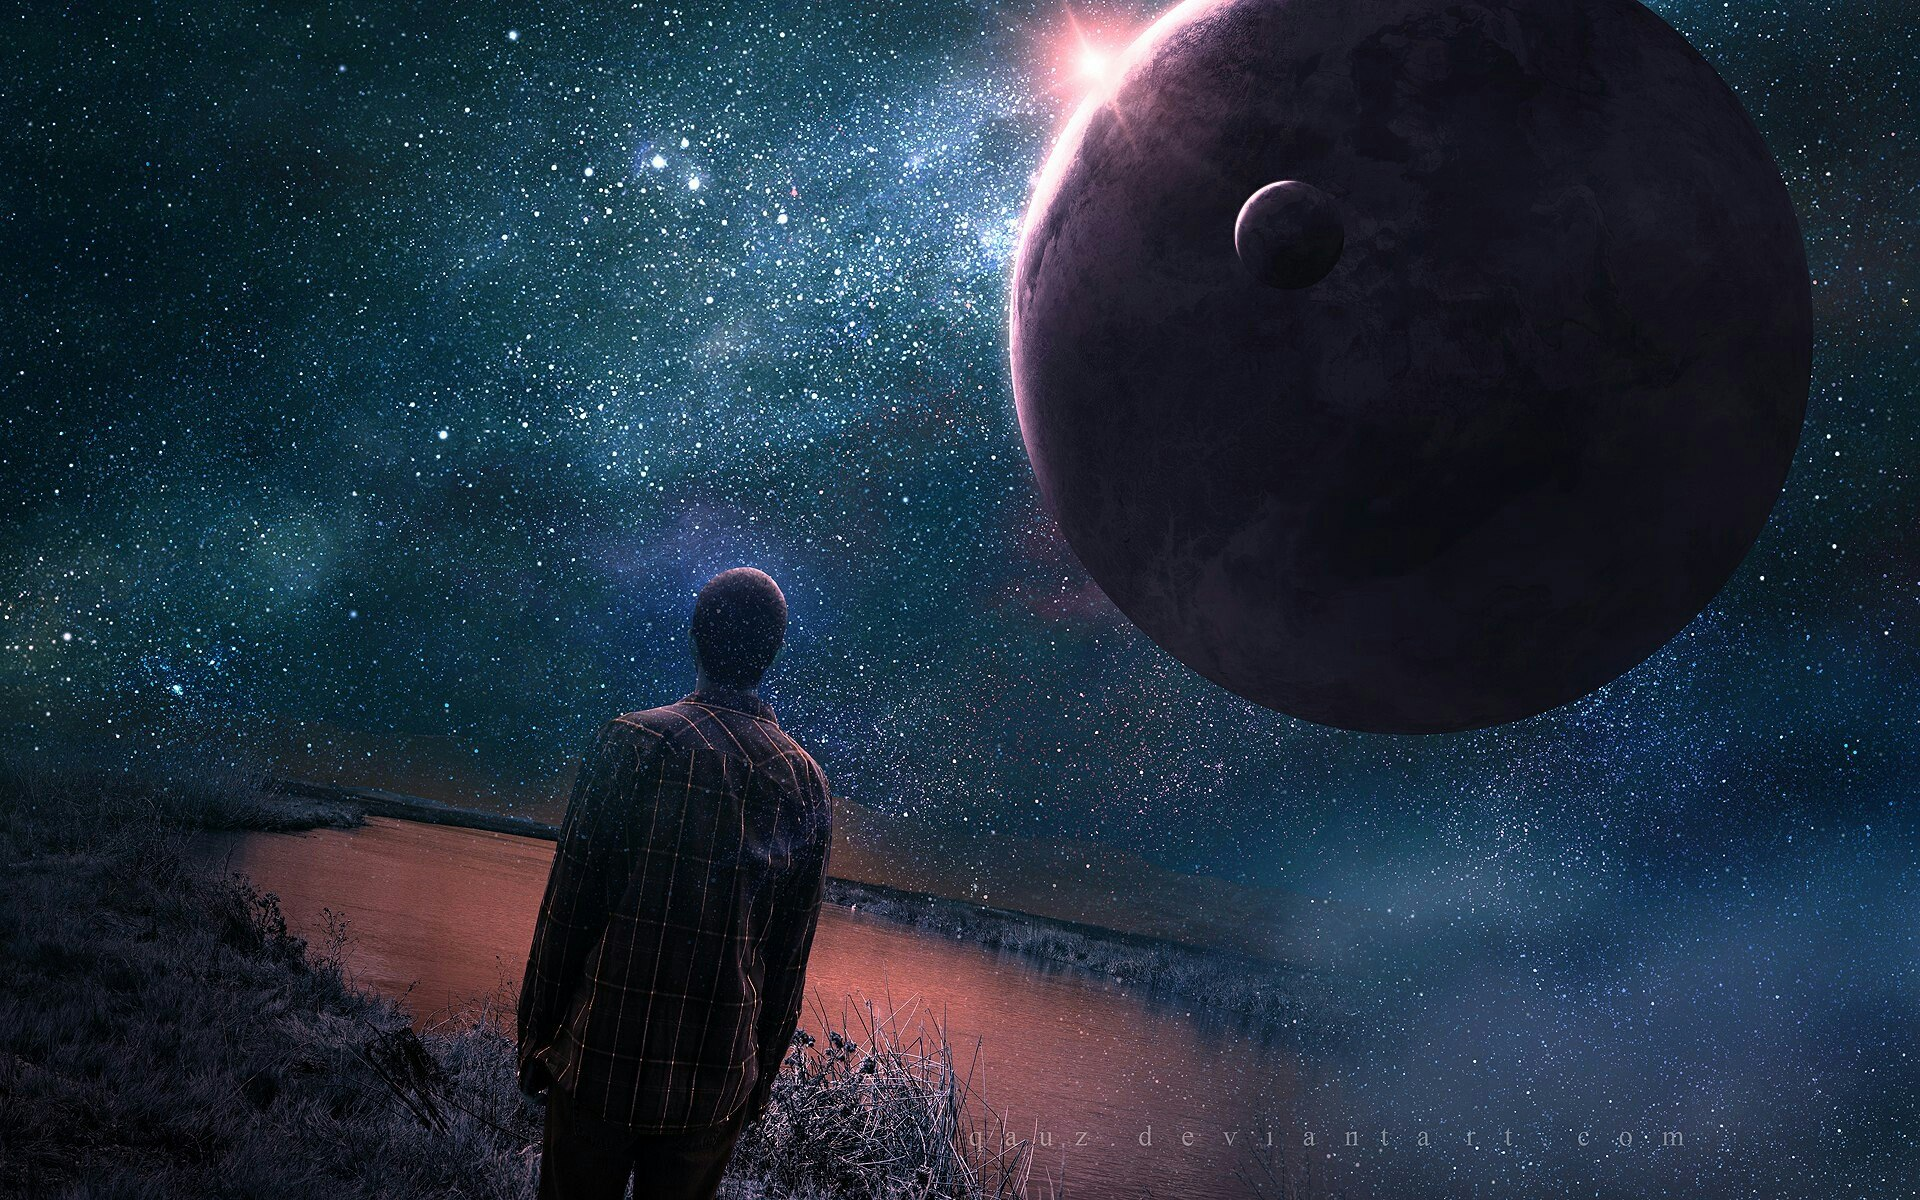 Звёздное небо и космос в картинках - Страница 6 9vFqYN_k4-o